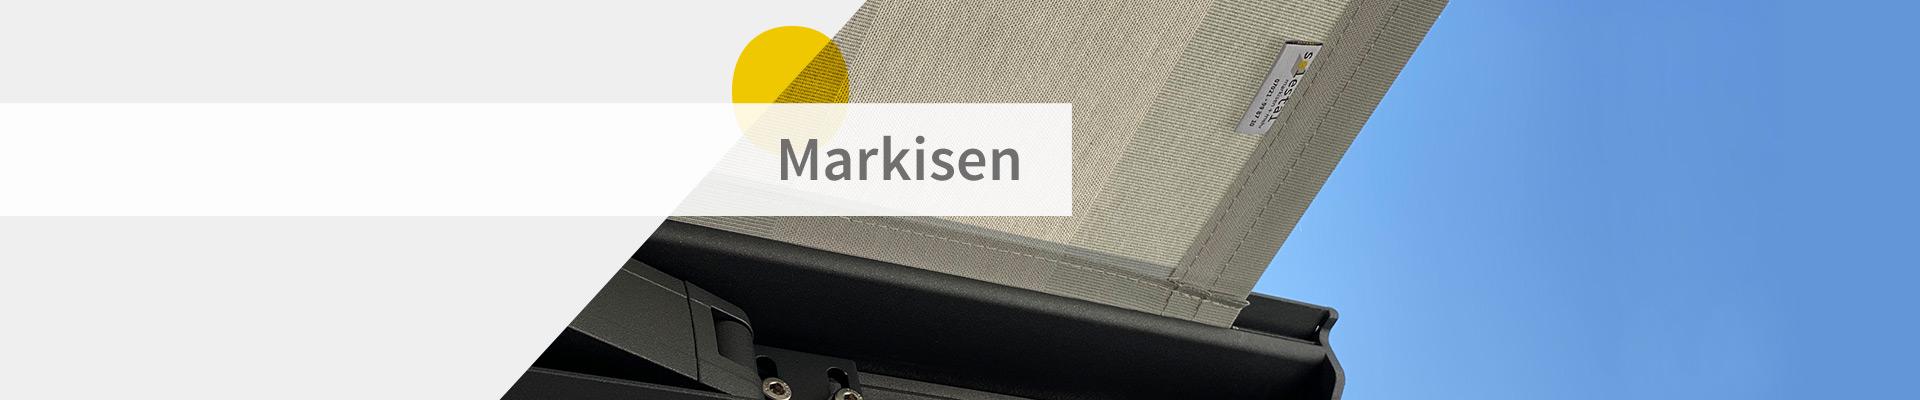 Markisen Made in Germany – Solestal ist Ihr bundesweiter Partner